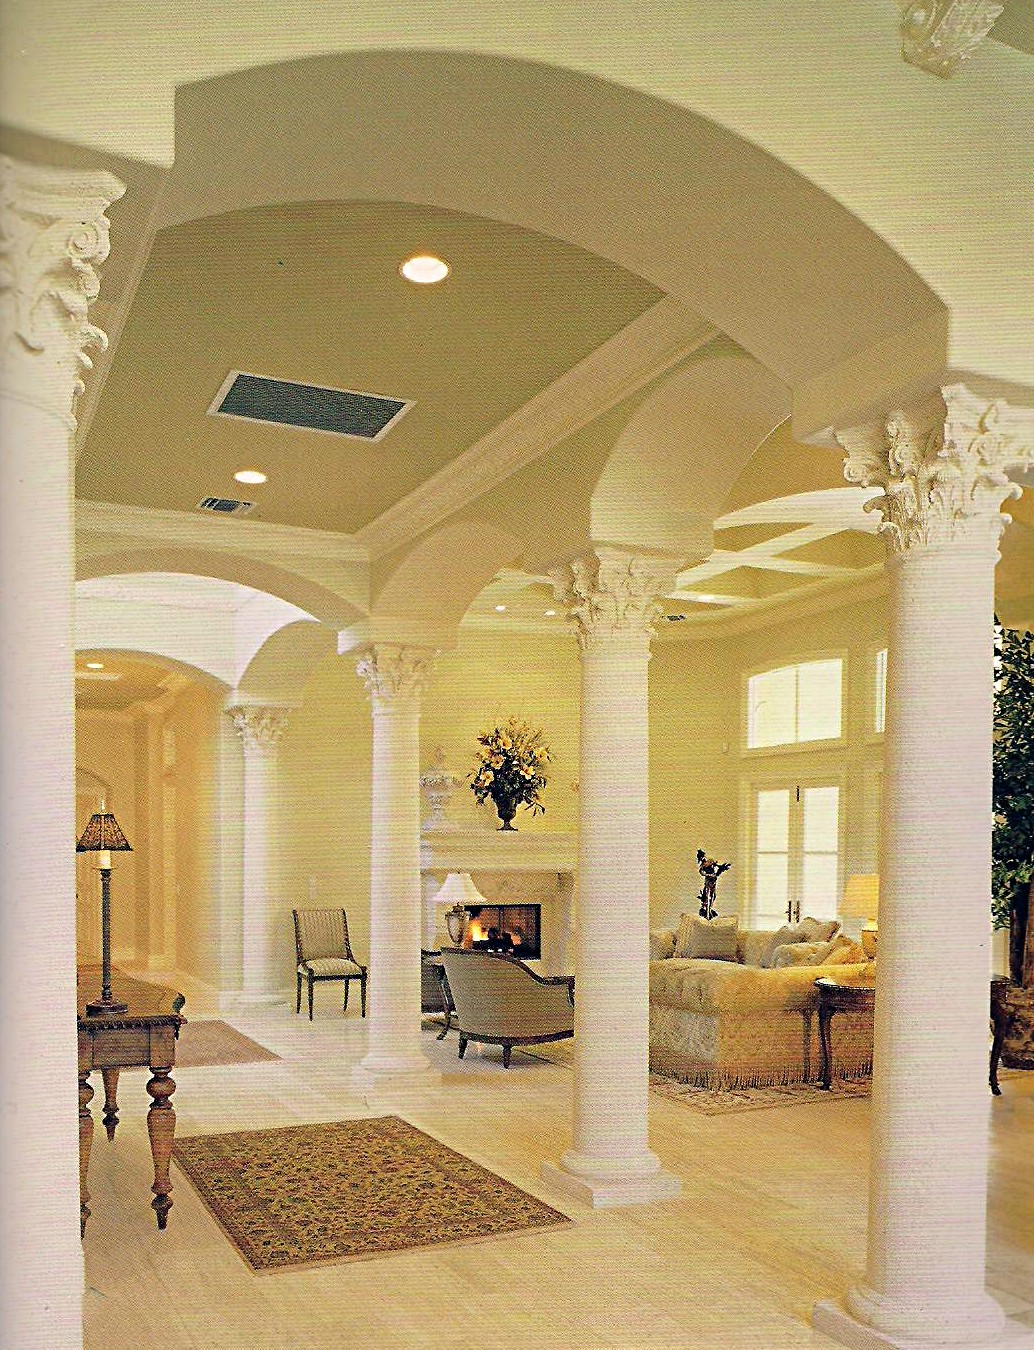 Renee finberg interiors - Interior design services boca raton ...